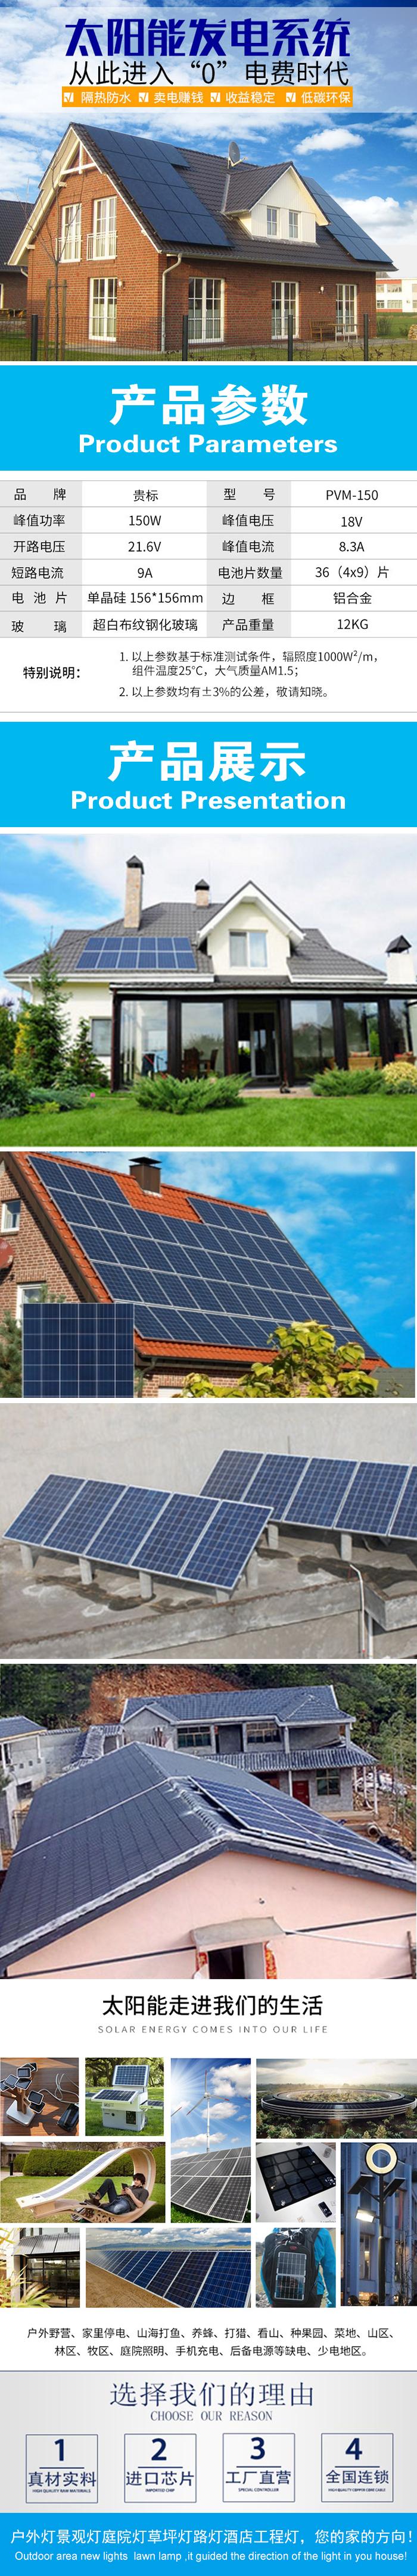 太阳能发电系统5